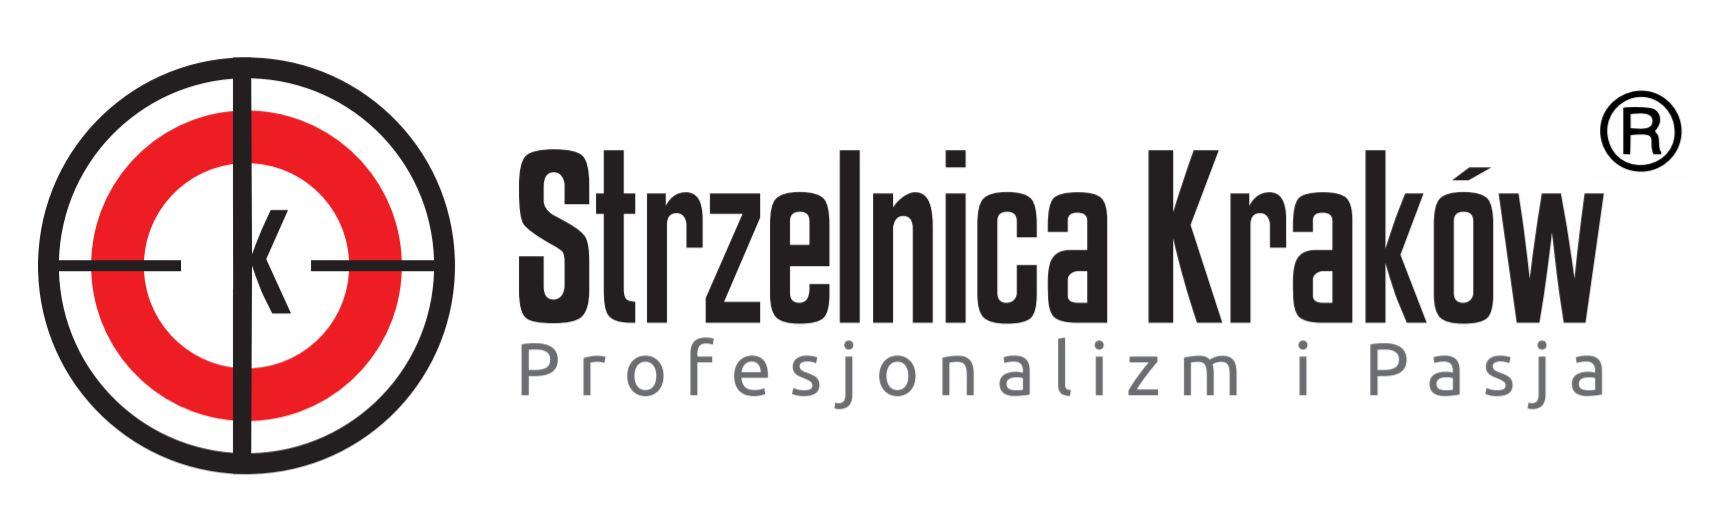 Strzelnica Kraków - Profesjonalizm i Pasja